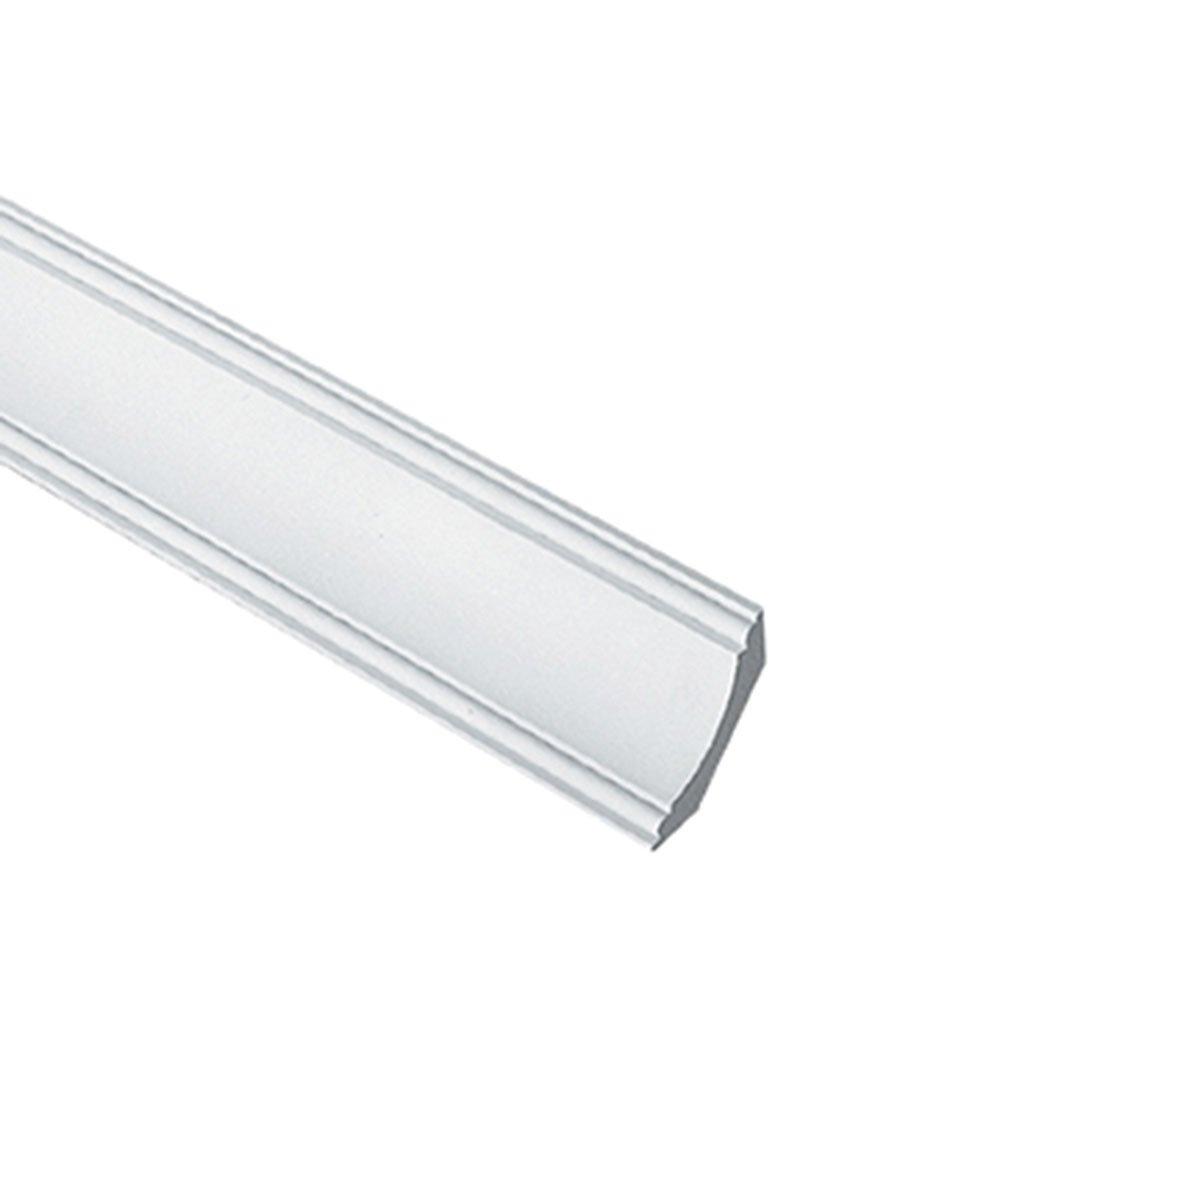 Fypon MLD592-16 3 7/8''H x 3 7/8''P, 16' Length, Door/Window Moulding